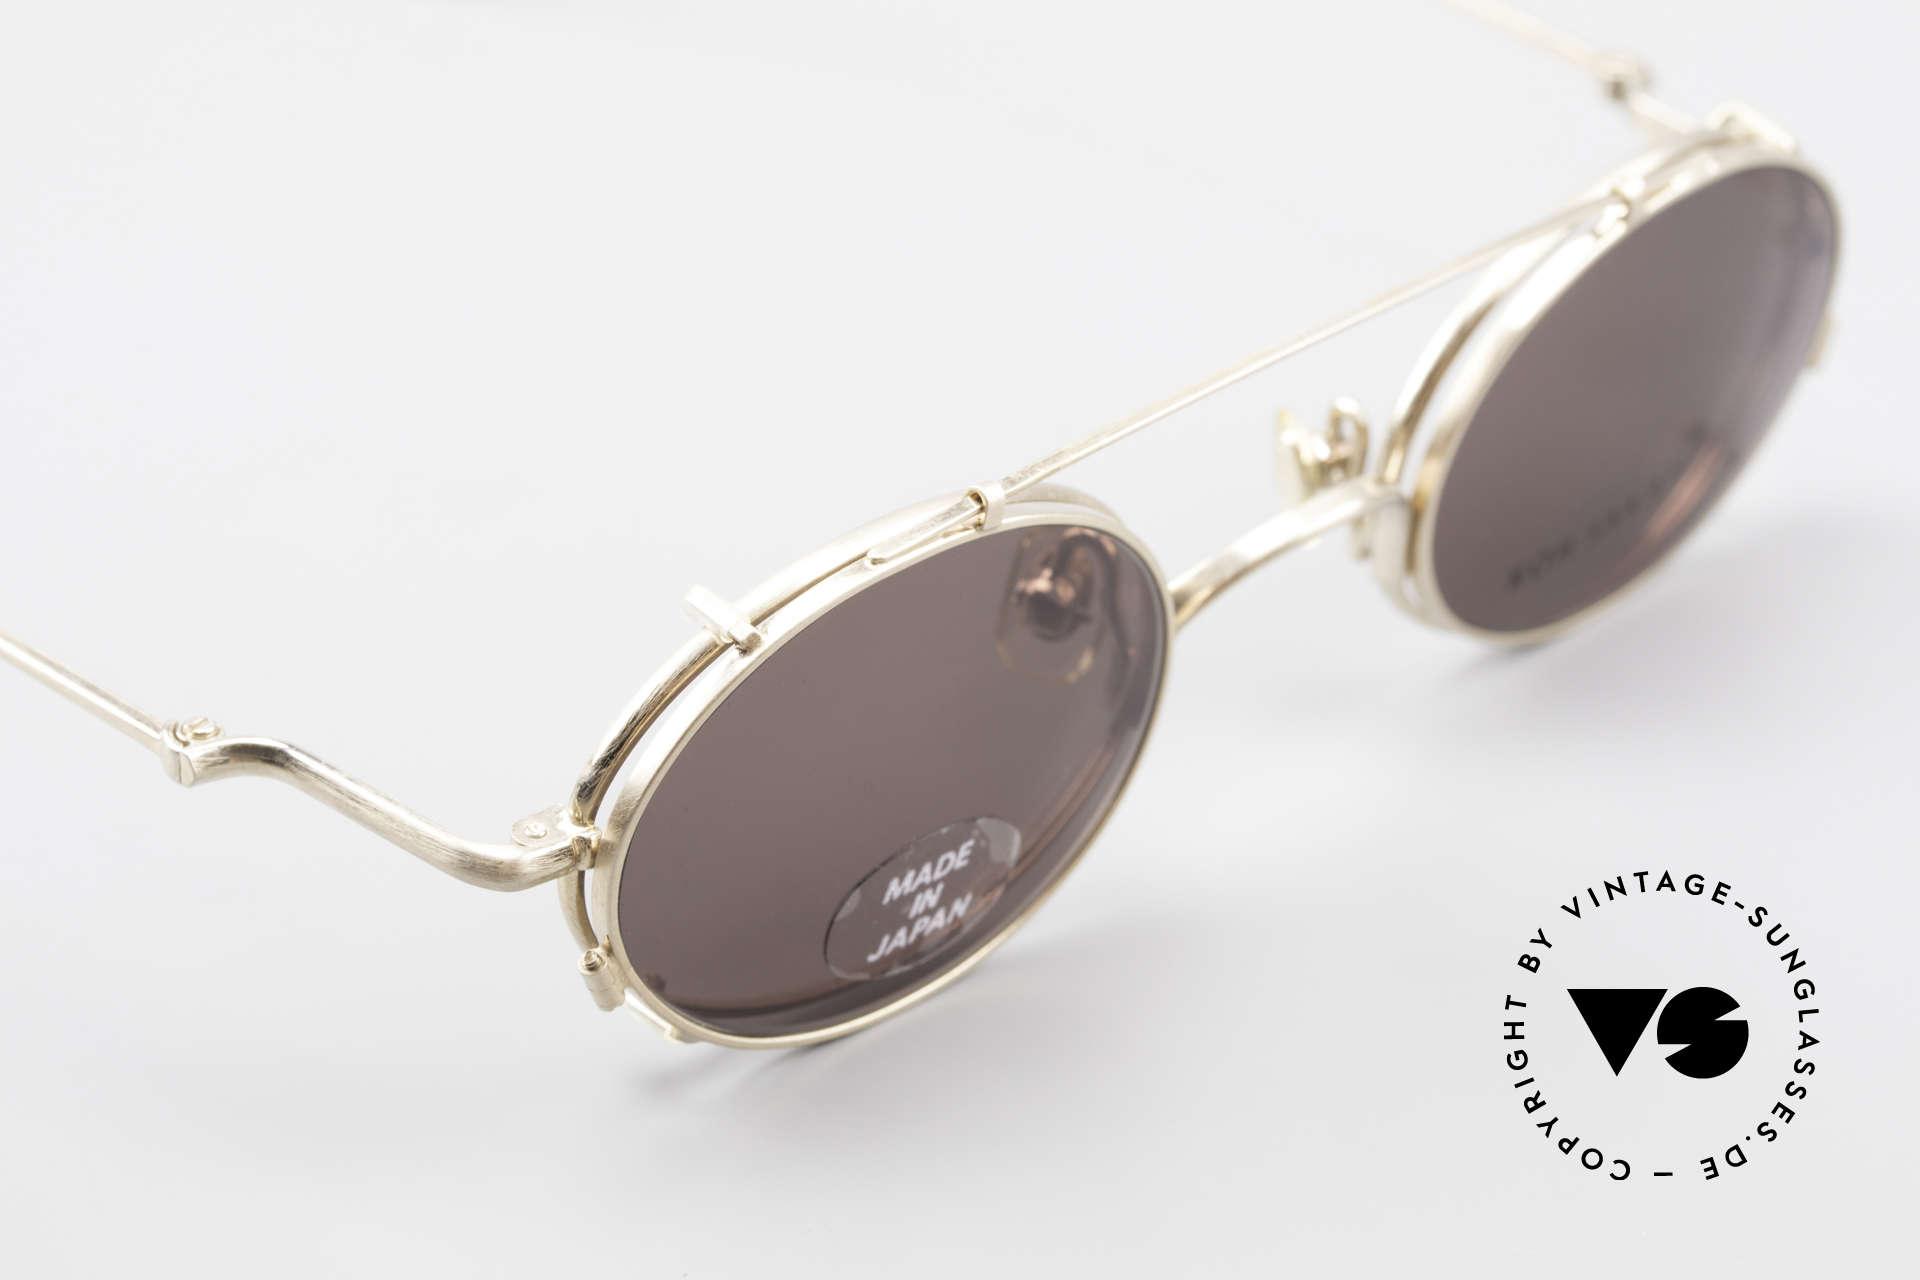 Koh Sakai KS9541 Ovale Brille Made in Japan 90er, entsprechend sind Qualität & Anmutung identisch top, Passend für Herren und Damen